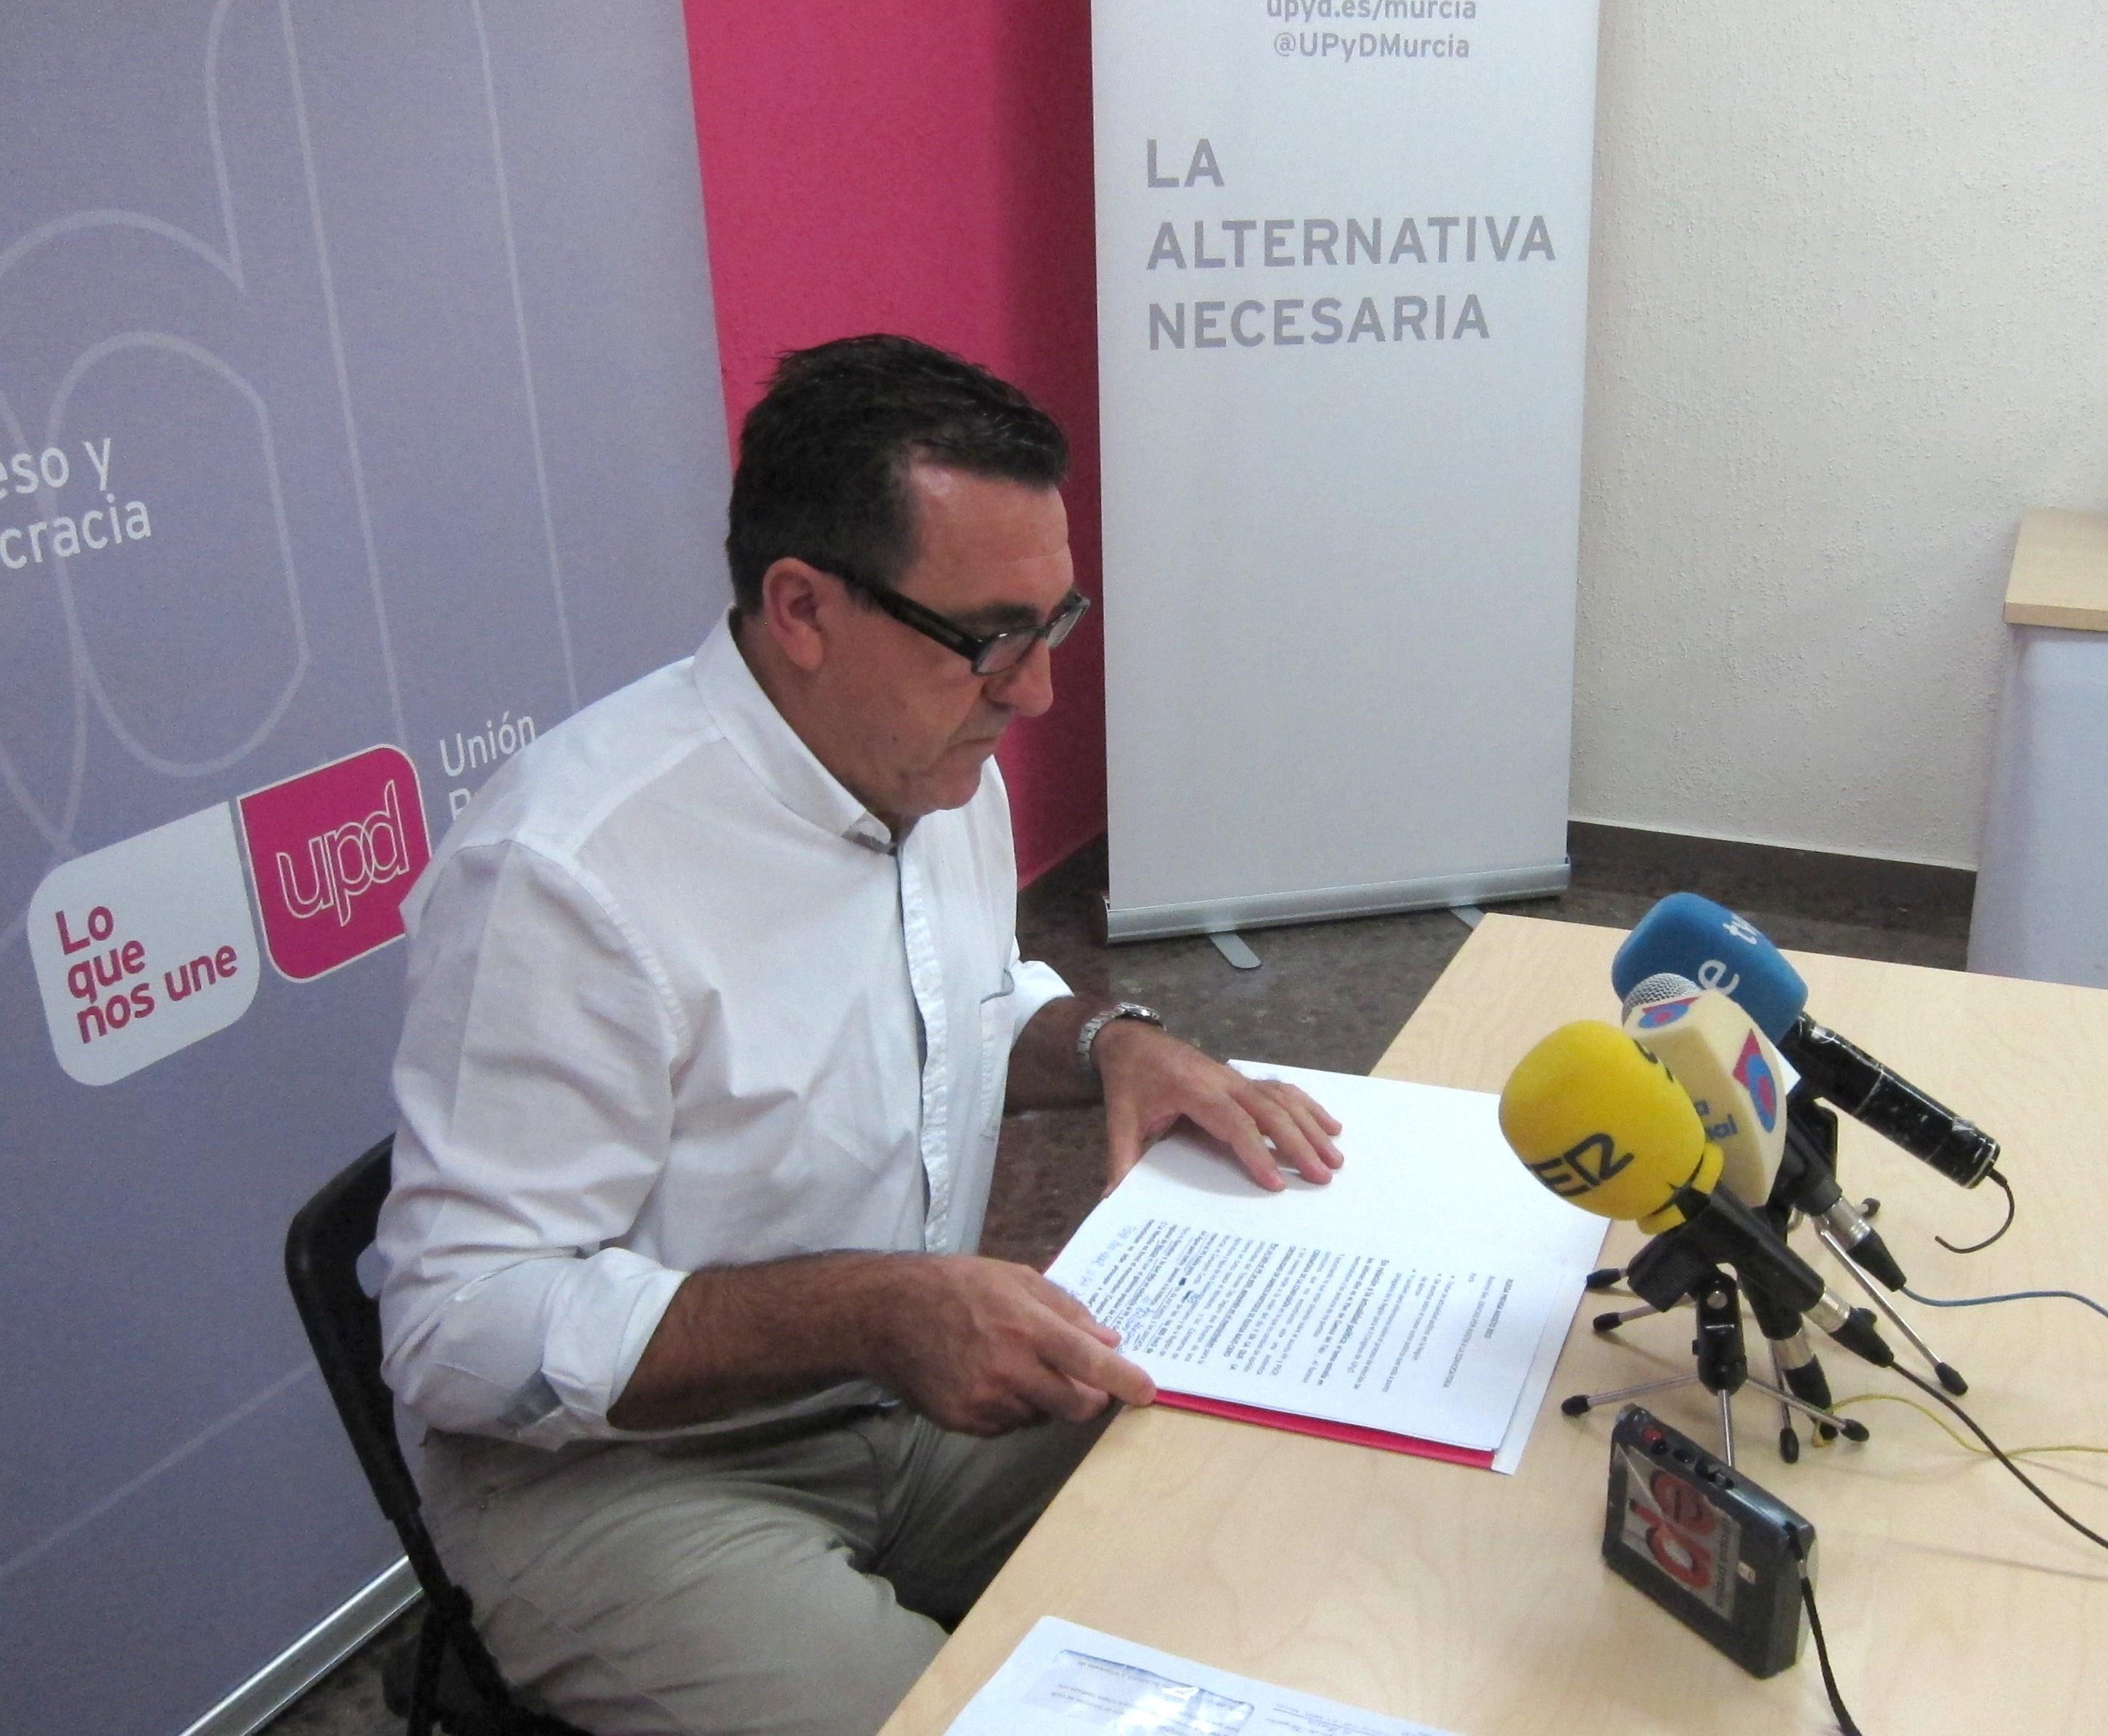 Sánchez dice que UPyD no apoya reforma Estatuto de Autonomía Murcia «porque no es necesario más poder al Ejecutivo»